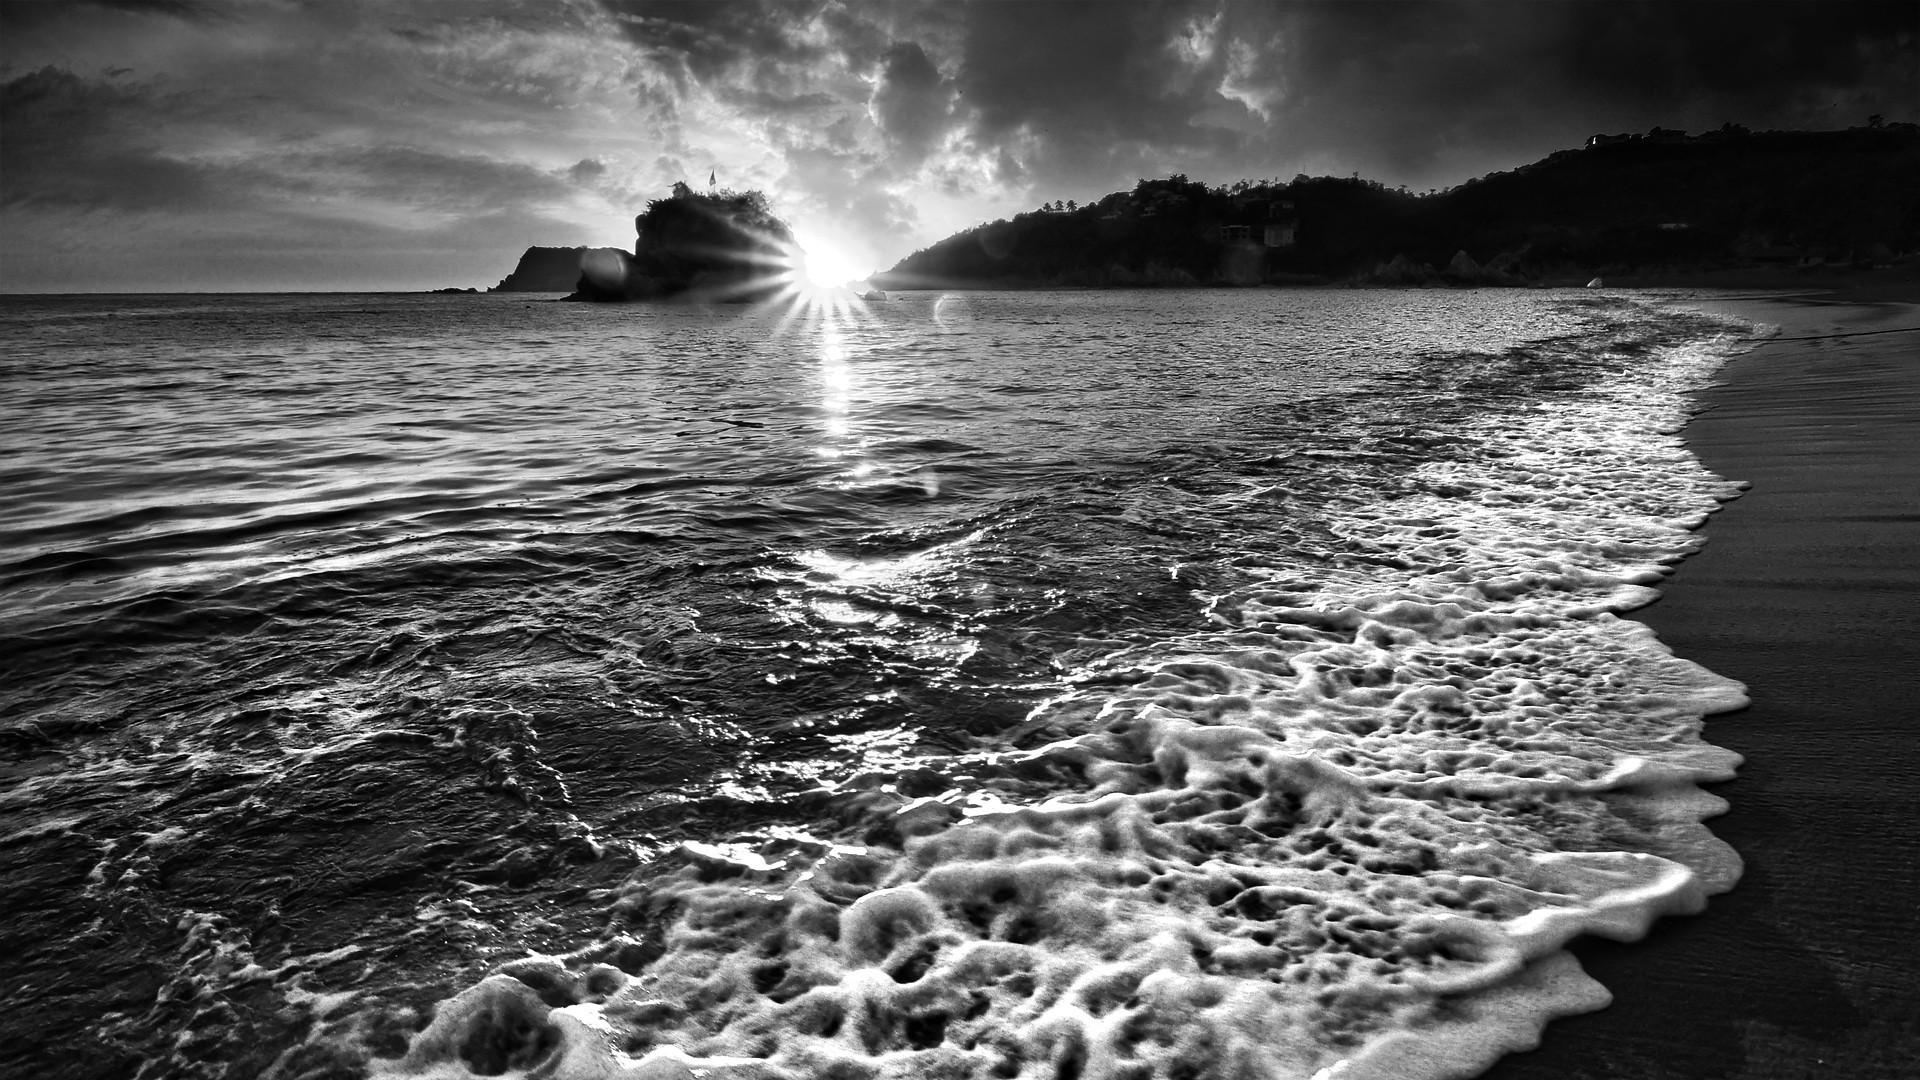 изумительного красивые картинки лето черно белое материала тем для